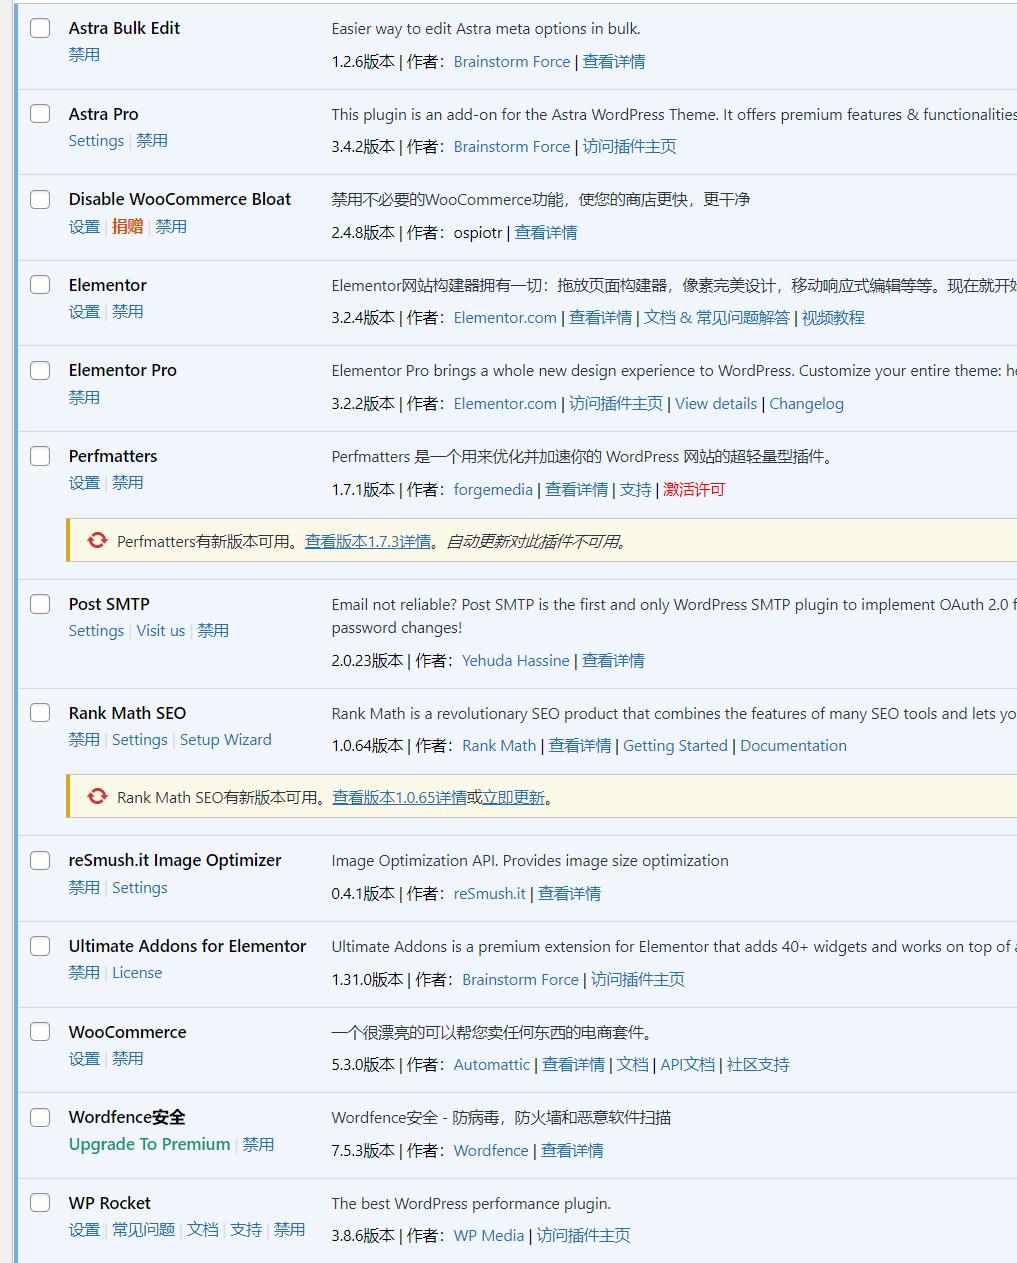 image 9 - NO.1 B2B外贸网站套装 | 开箱即用 | 主题、插件、页面、功能齐全